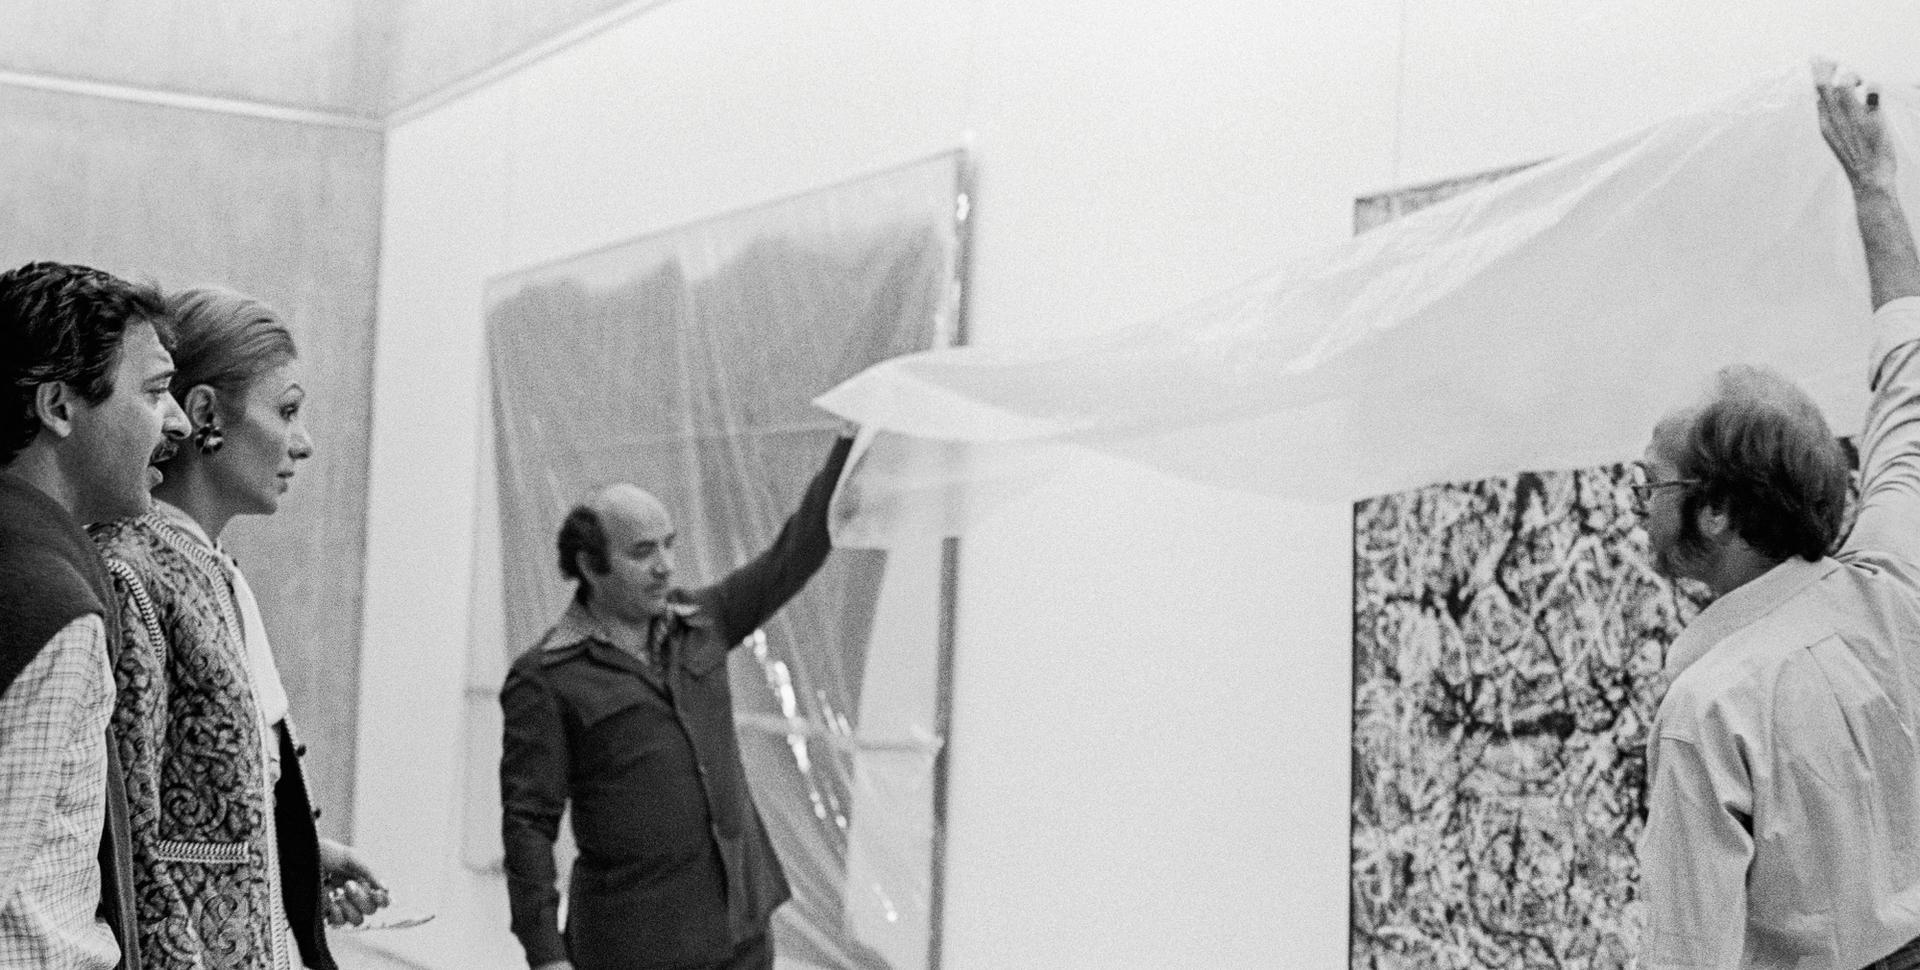 Installation of a work by Pollock in Tehran, 1977 Photo: Jila Dejam